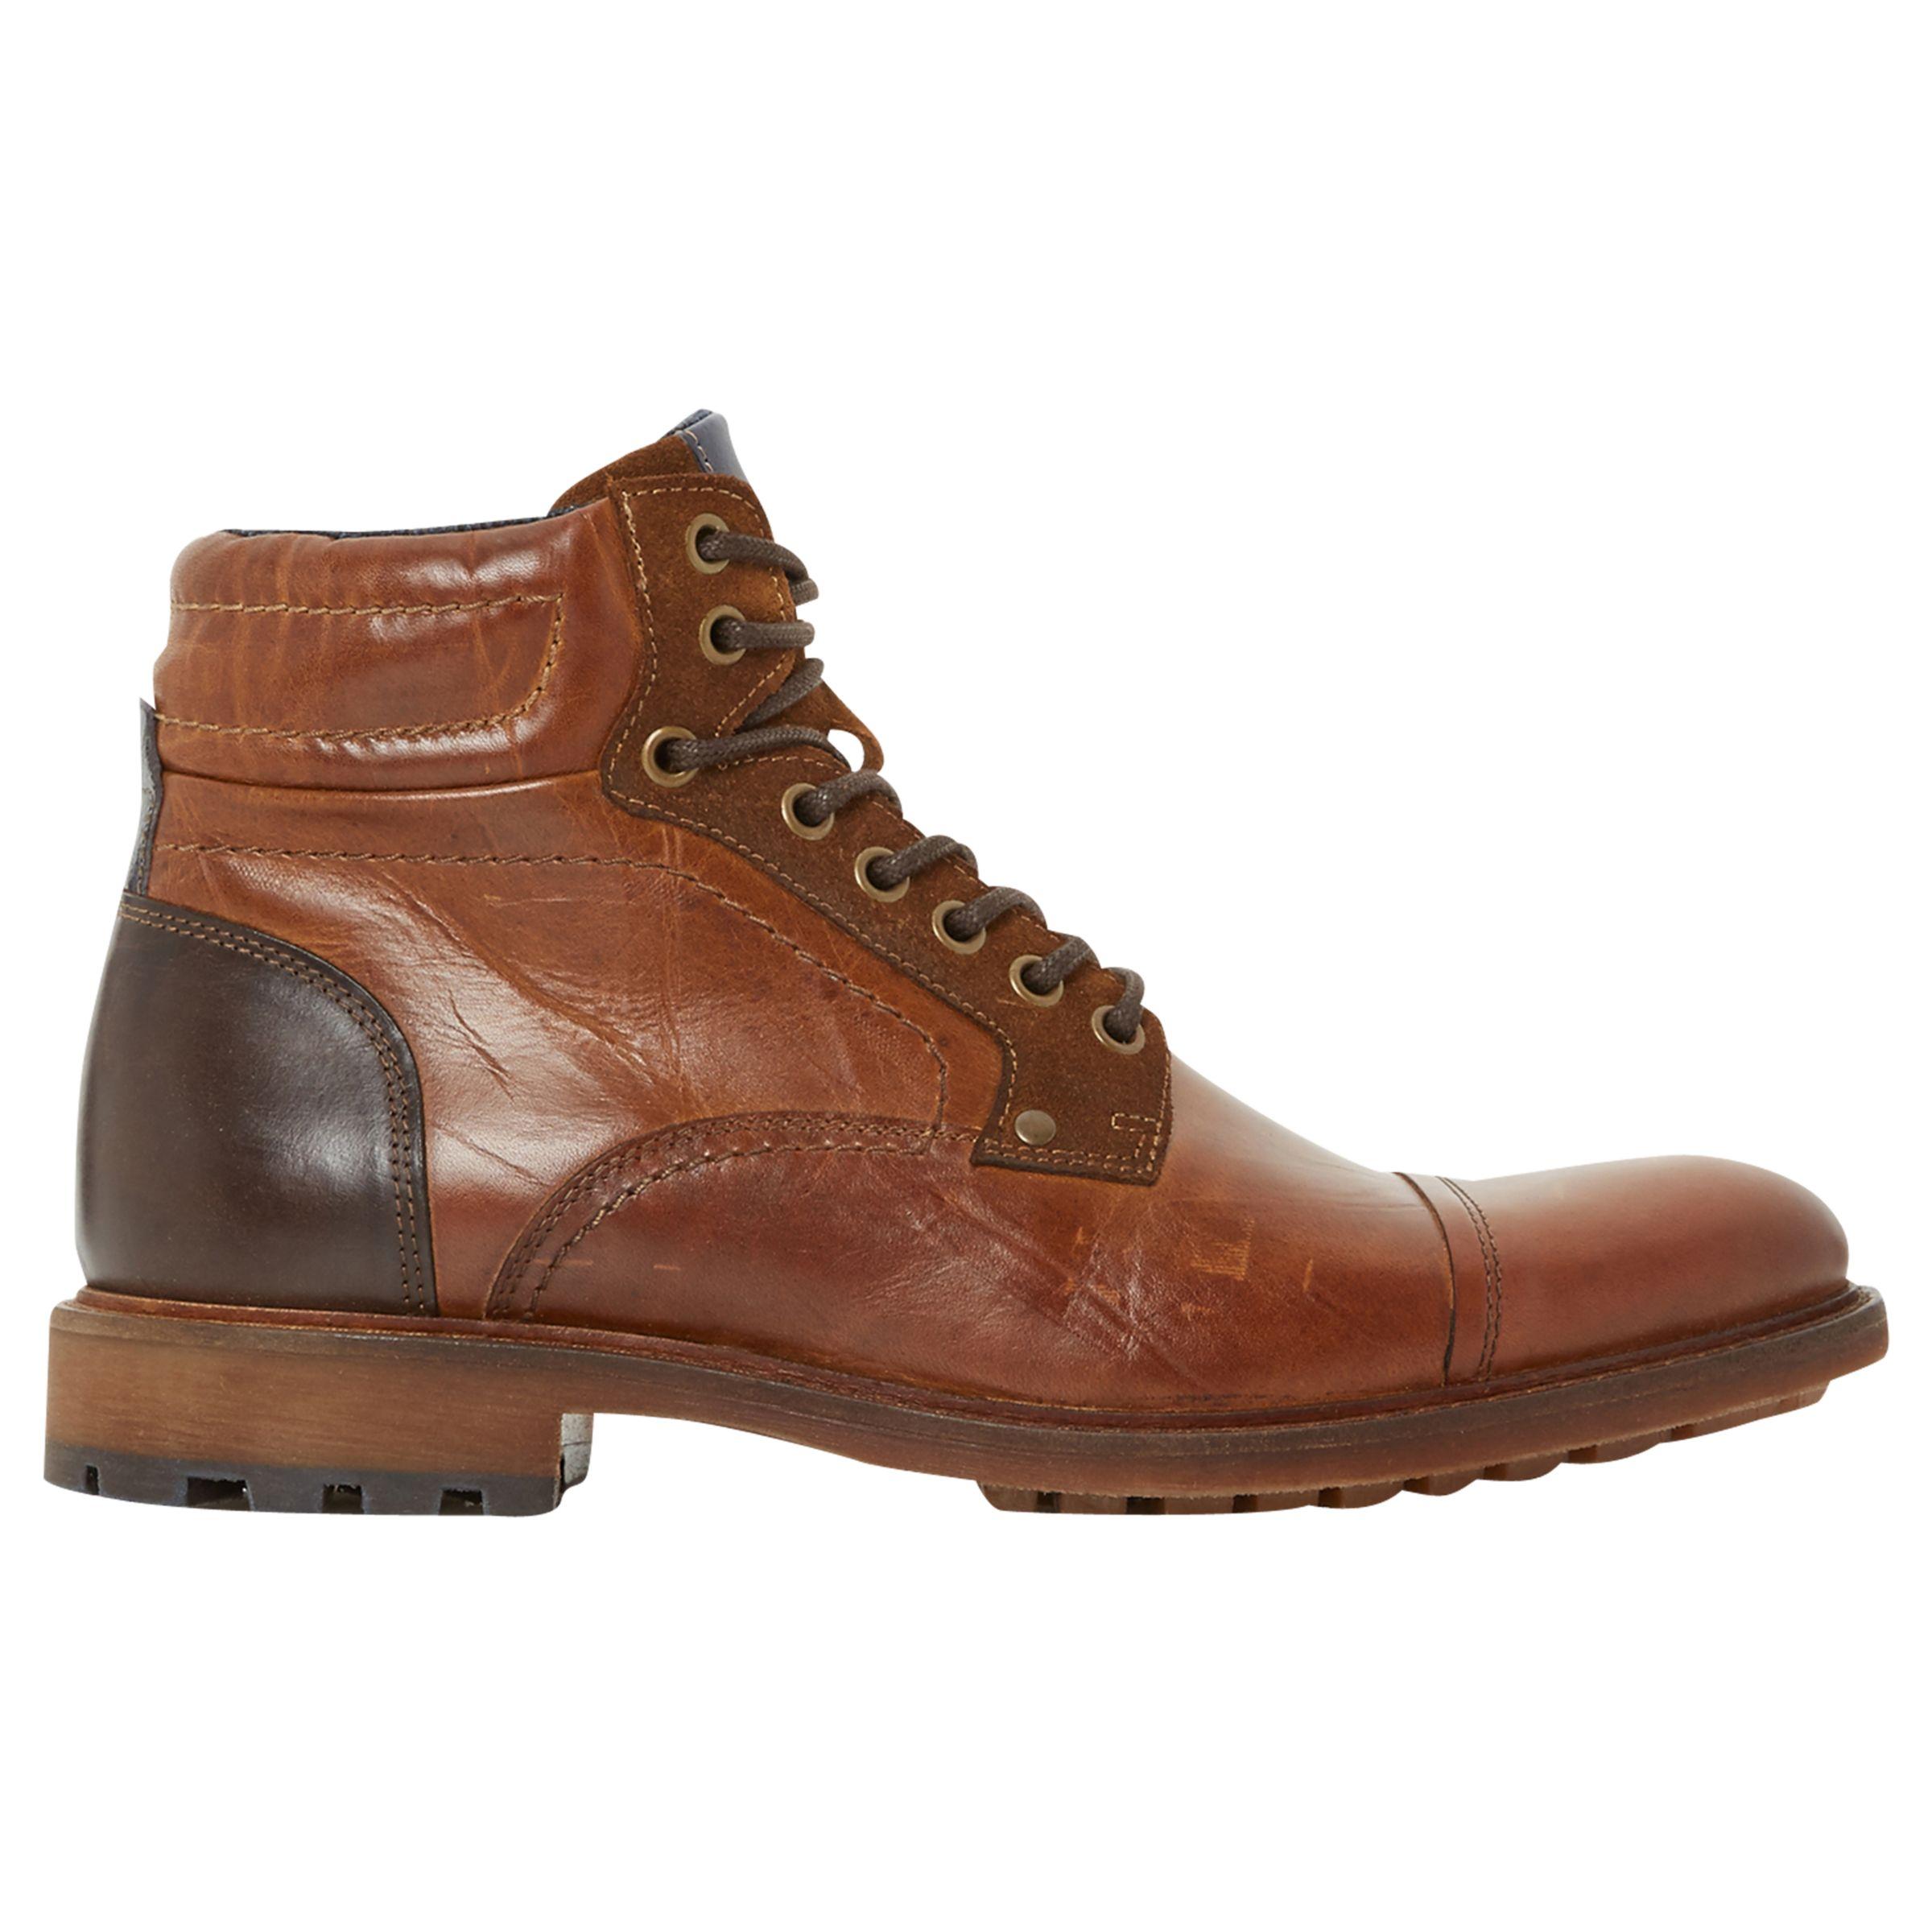 Bertie Bertie Clef Lace-Up Boots